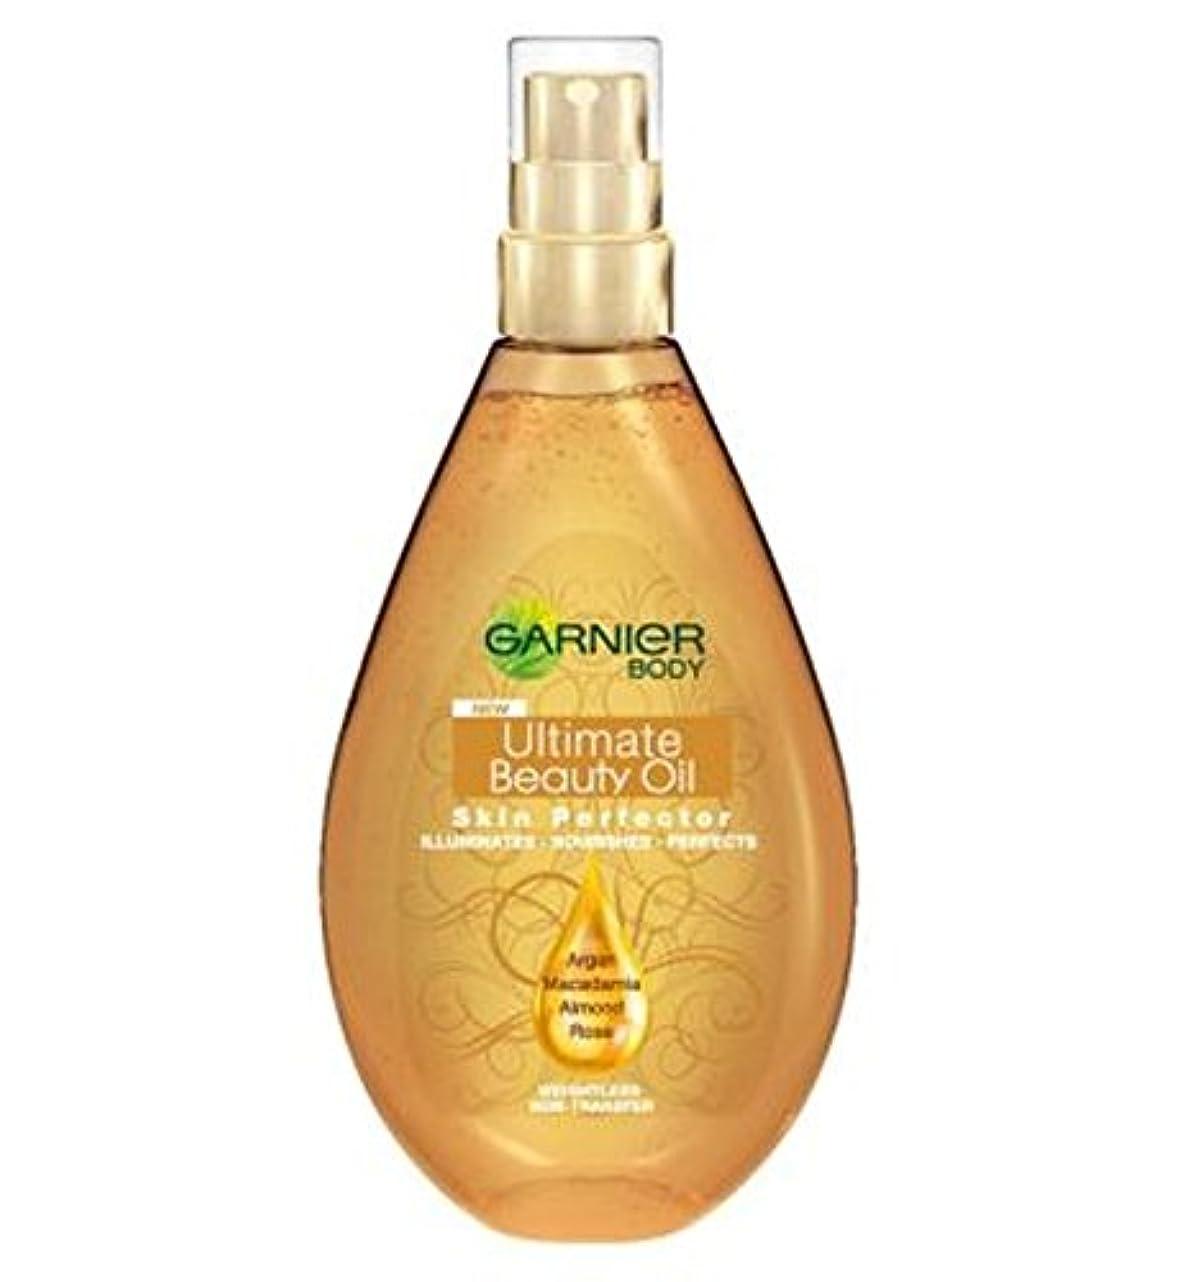 デンマーク起きる合計Garnier Ultimate Beauty Oil Skin Perfector 150ml - ガルニエ究極の美容オイルスキンパーフェクの150ミリリットル (Garnier) [並行輸入品]